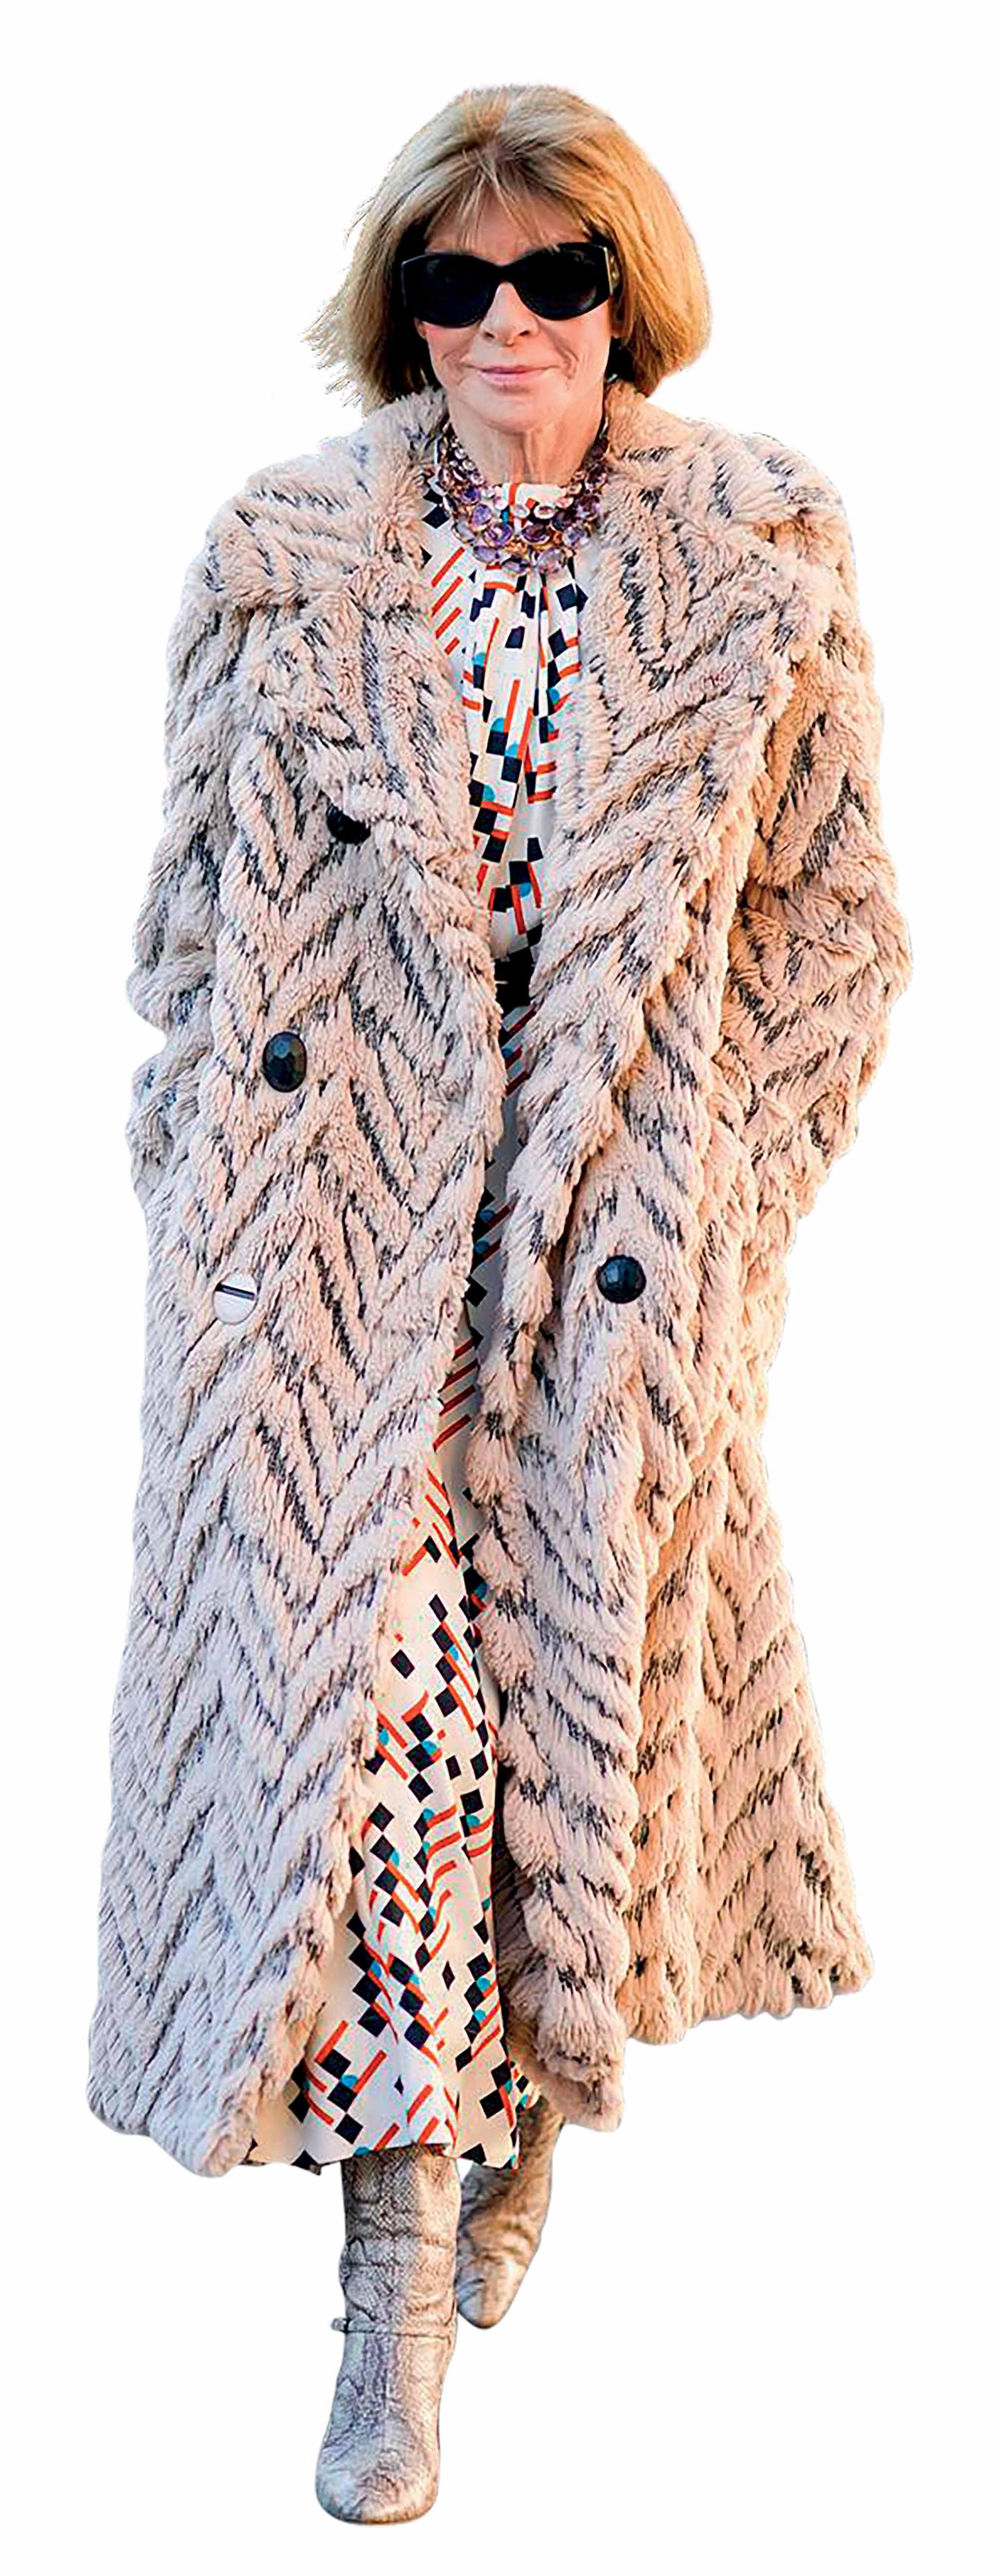 thời trang bền vững - Anna Wintour mặc áo choàng lông thú giả